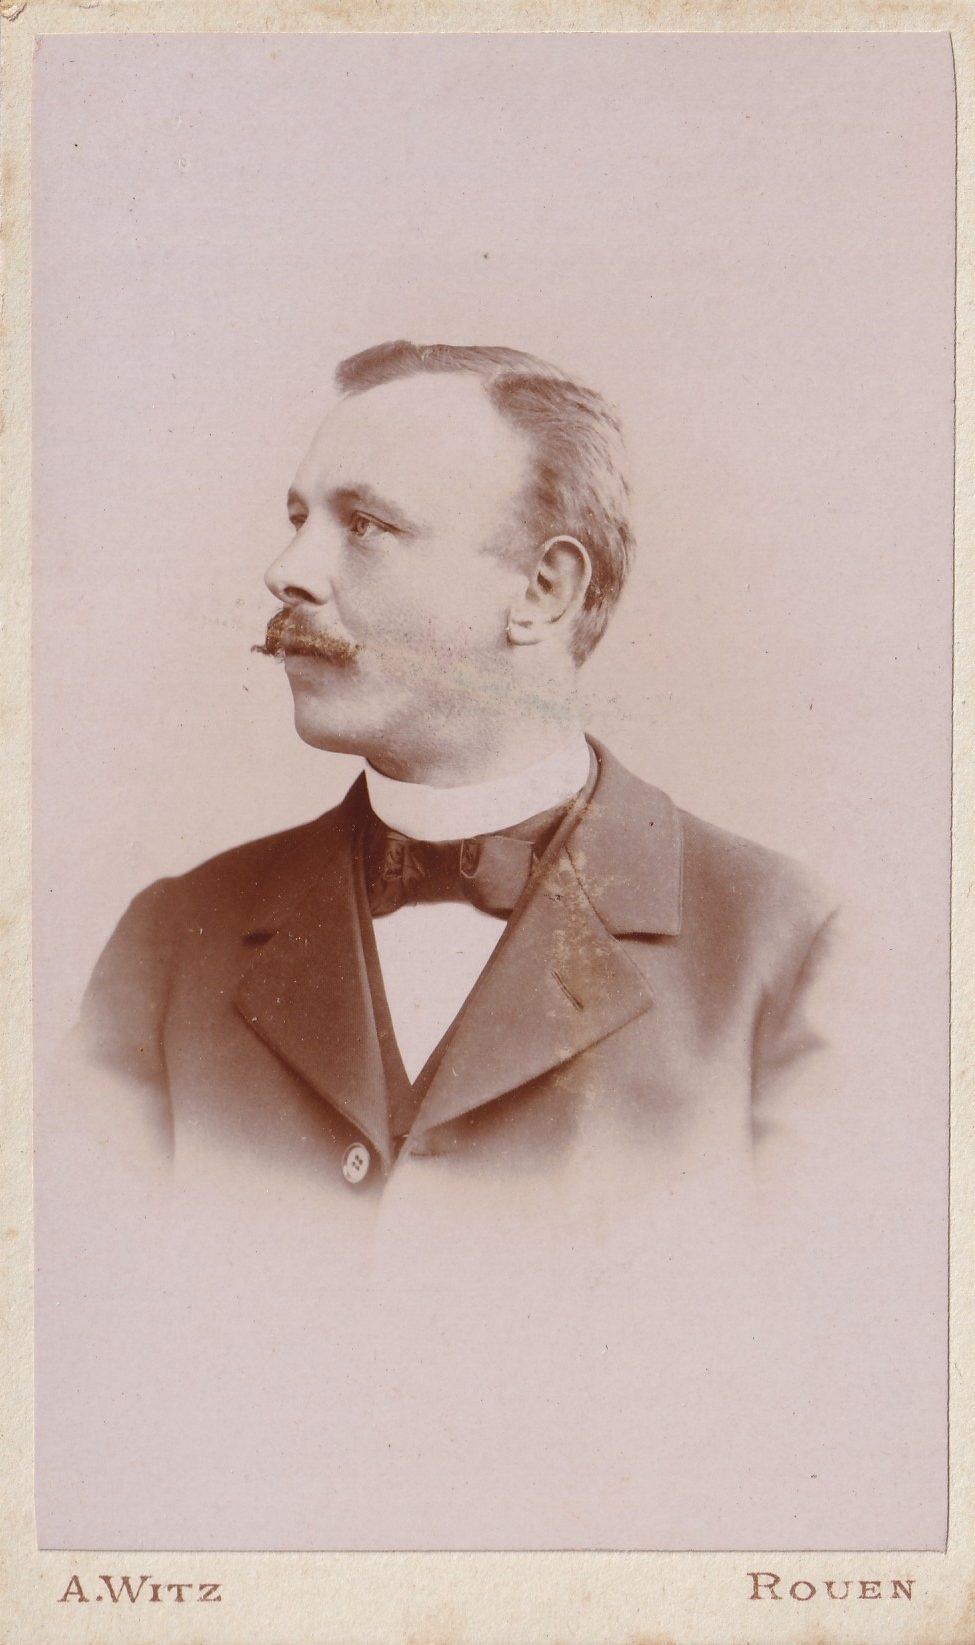 Album bfn Marié Charles Marié peut être père de Léonie Charles et Alice page  photo  rotated